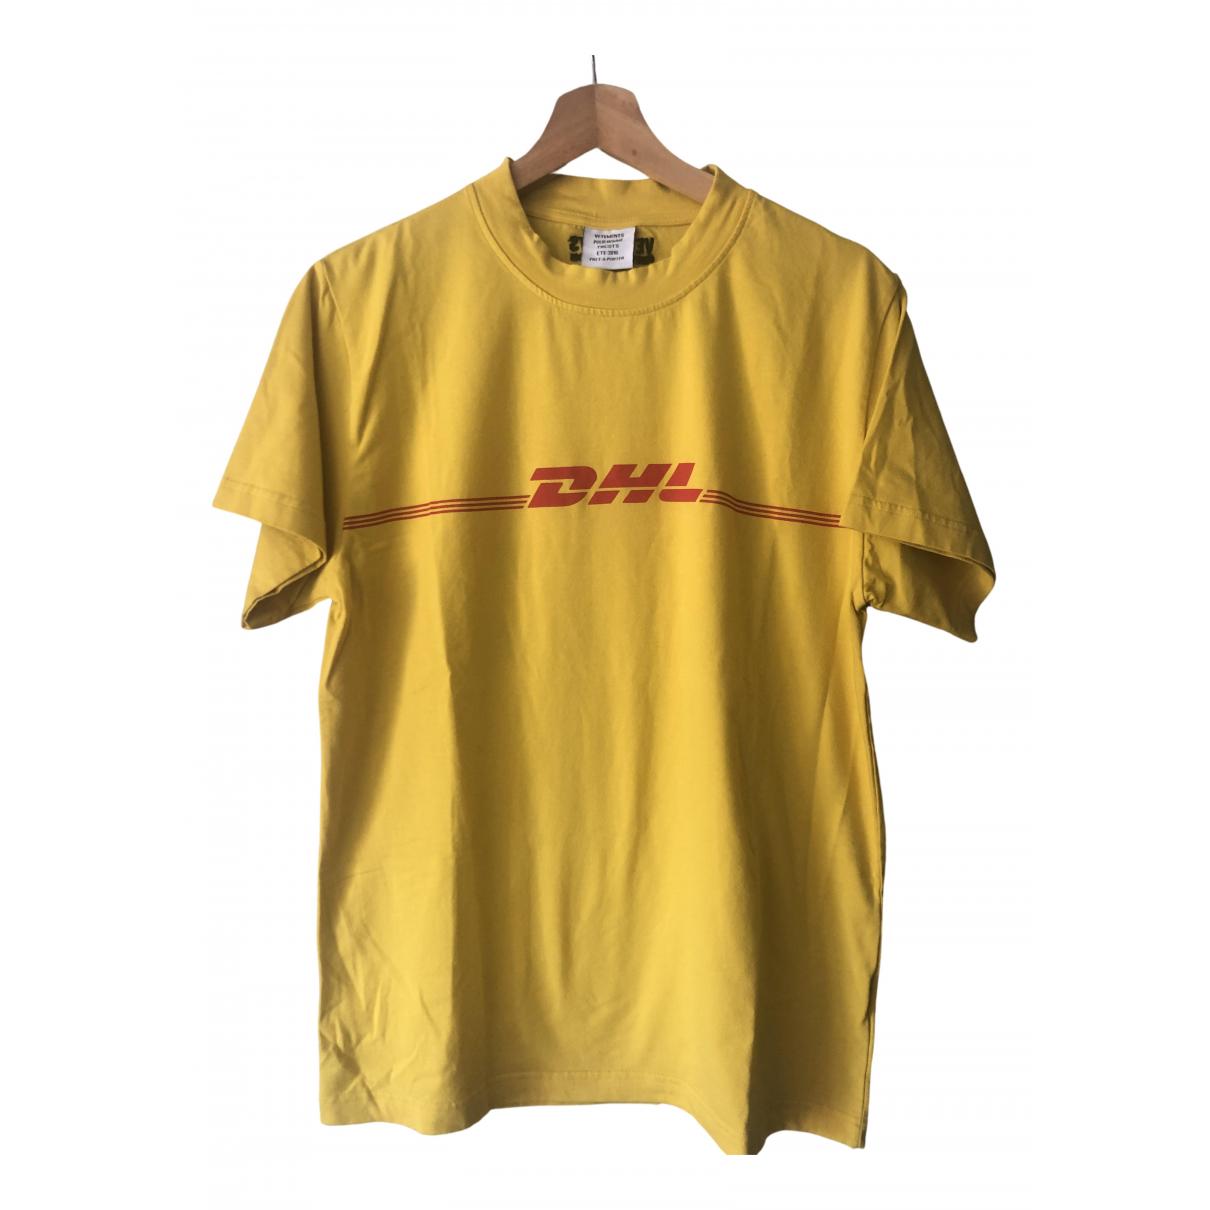 Vetements - Tee shirts   pour homme en coton - jaune